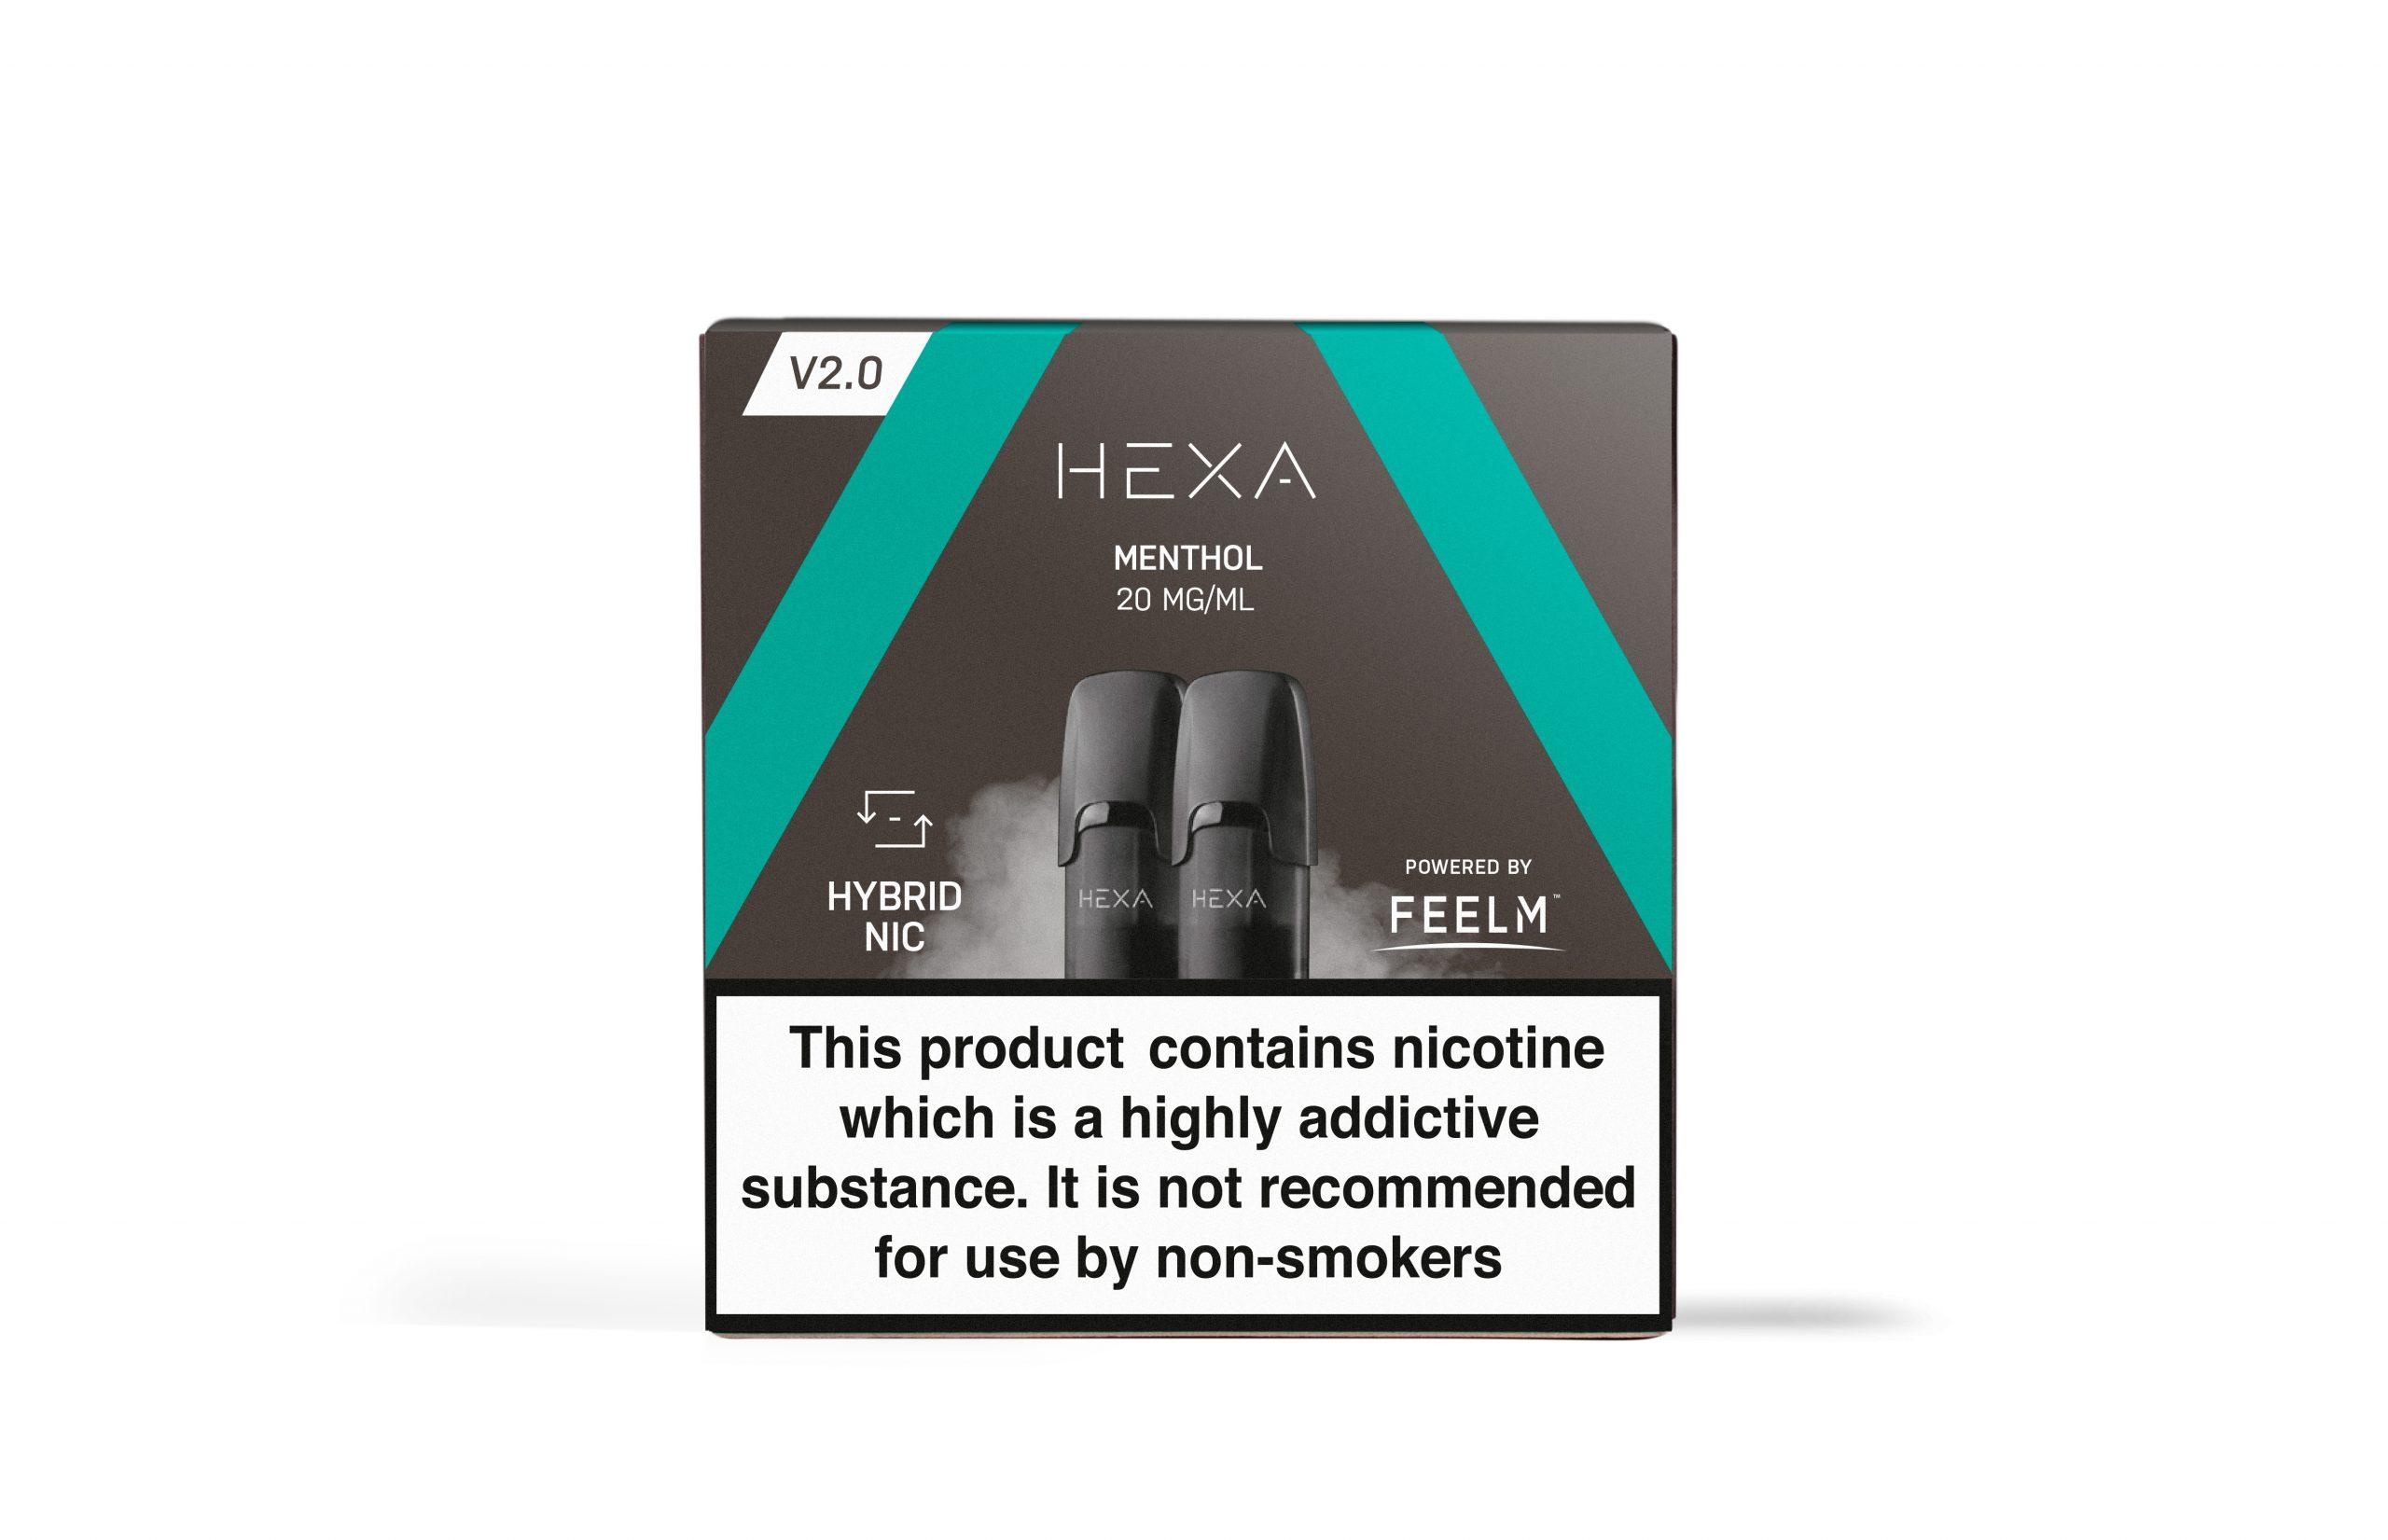 Hexa Menthol